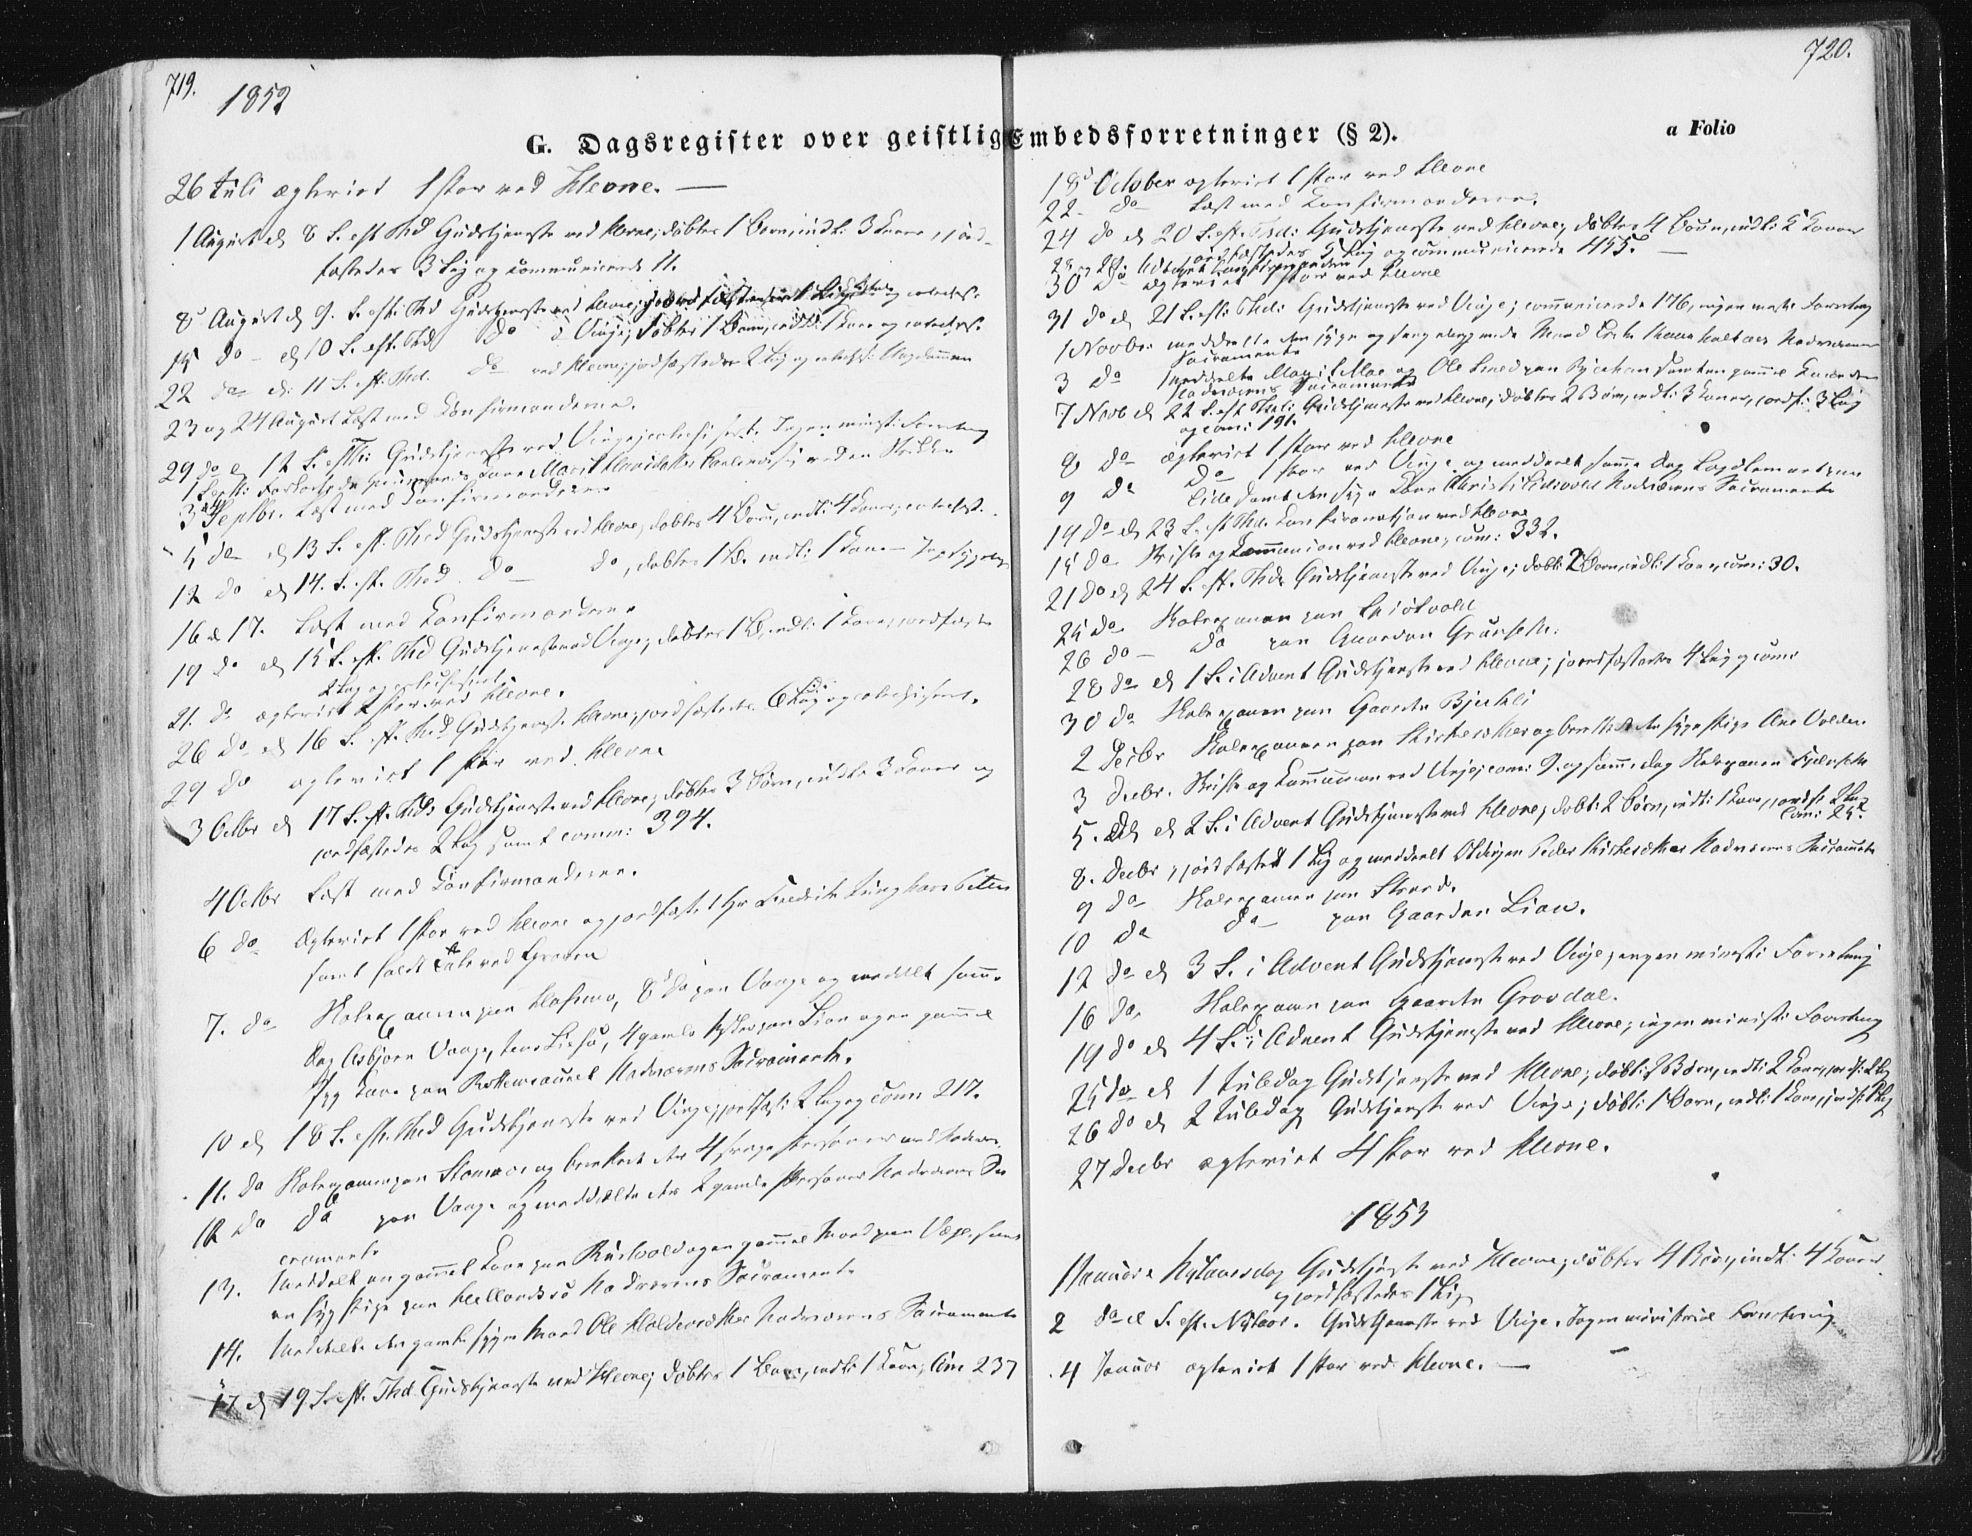 SAT, Ministerialprotokoller, klokkerbøker og fødselsregistre - Sør-Trøndelag, 630/L0494: Ministerialbok nr. 630A07, 1852-1868, s. 719-720